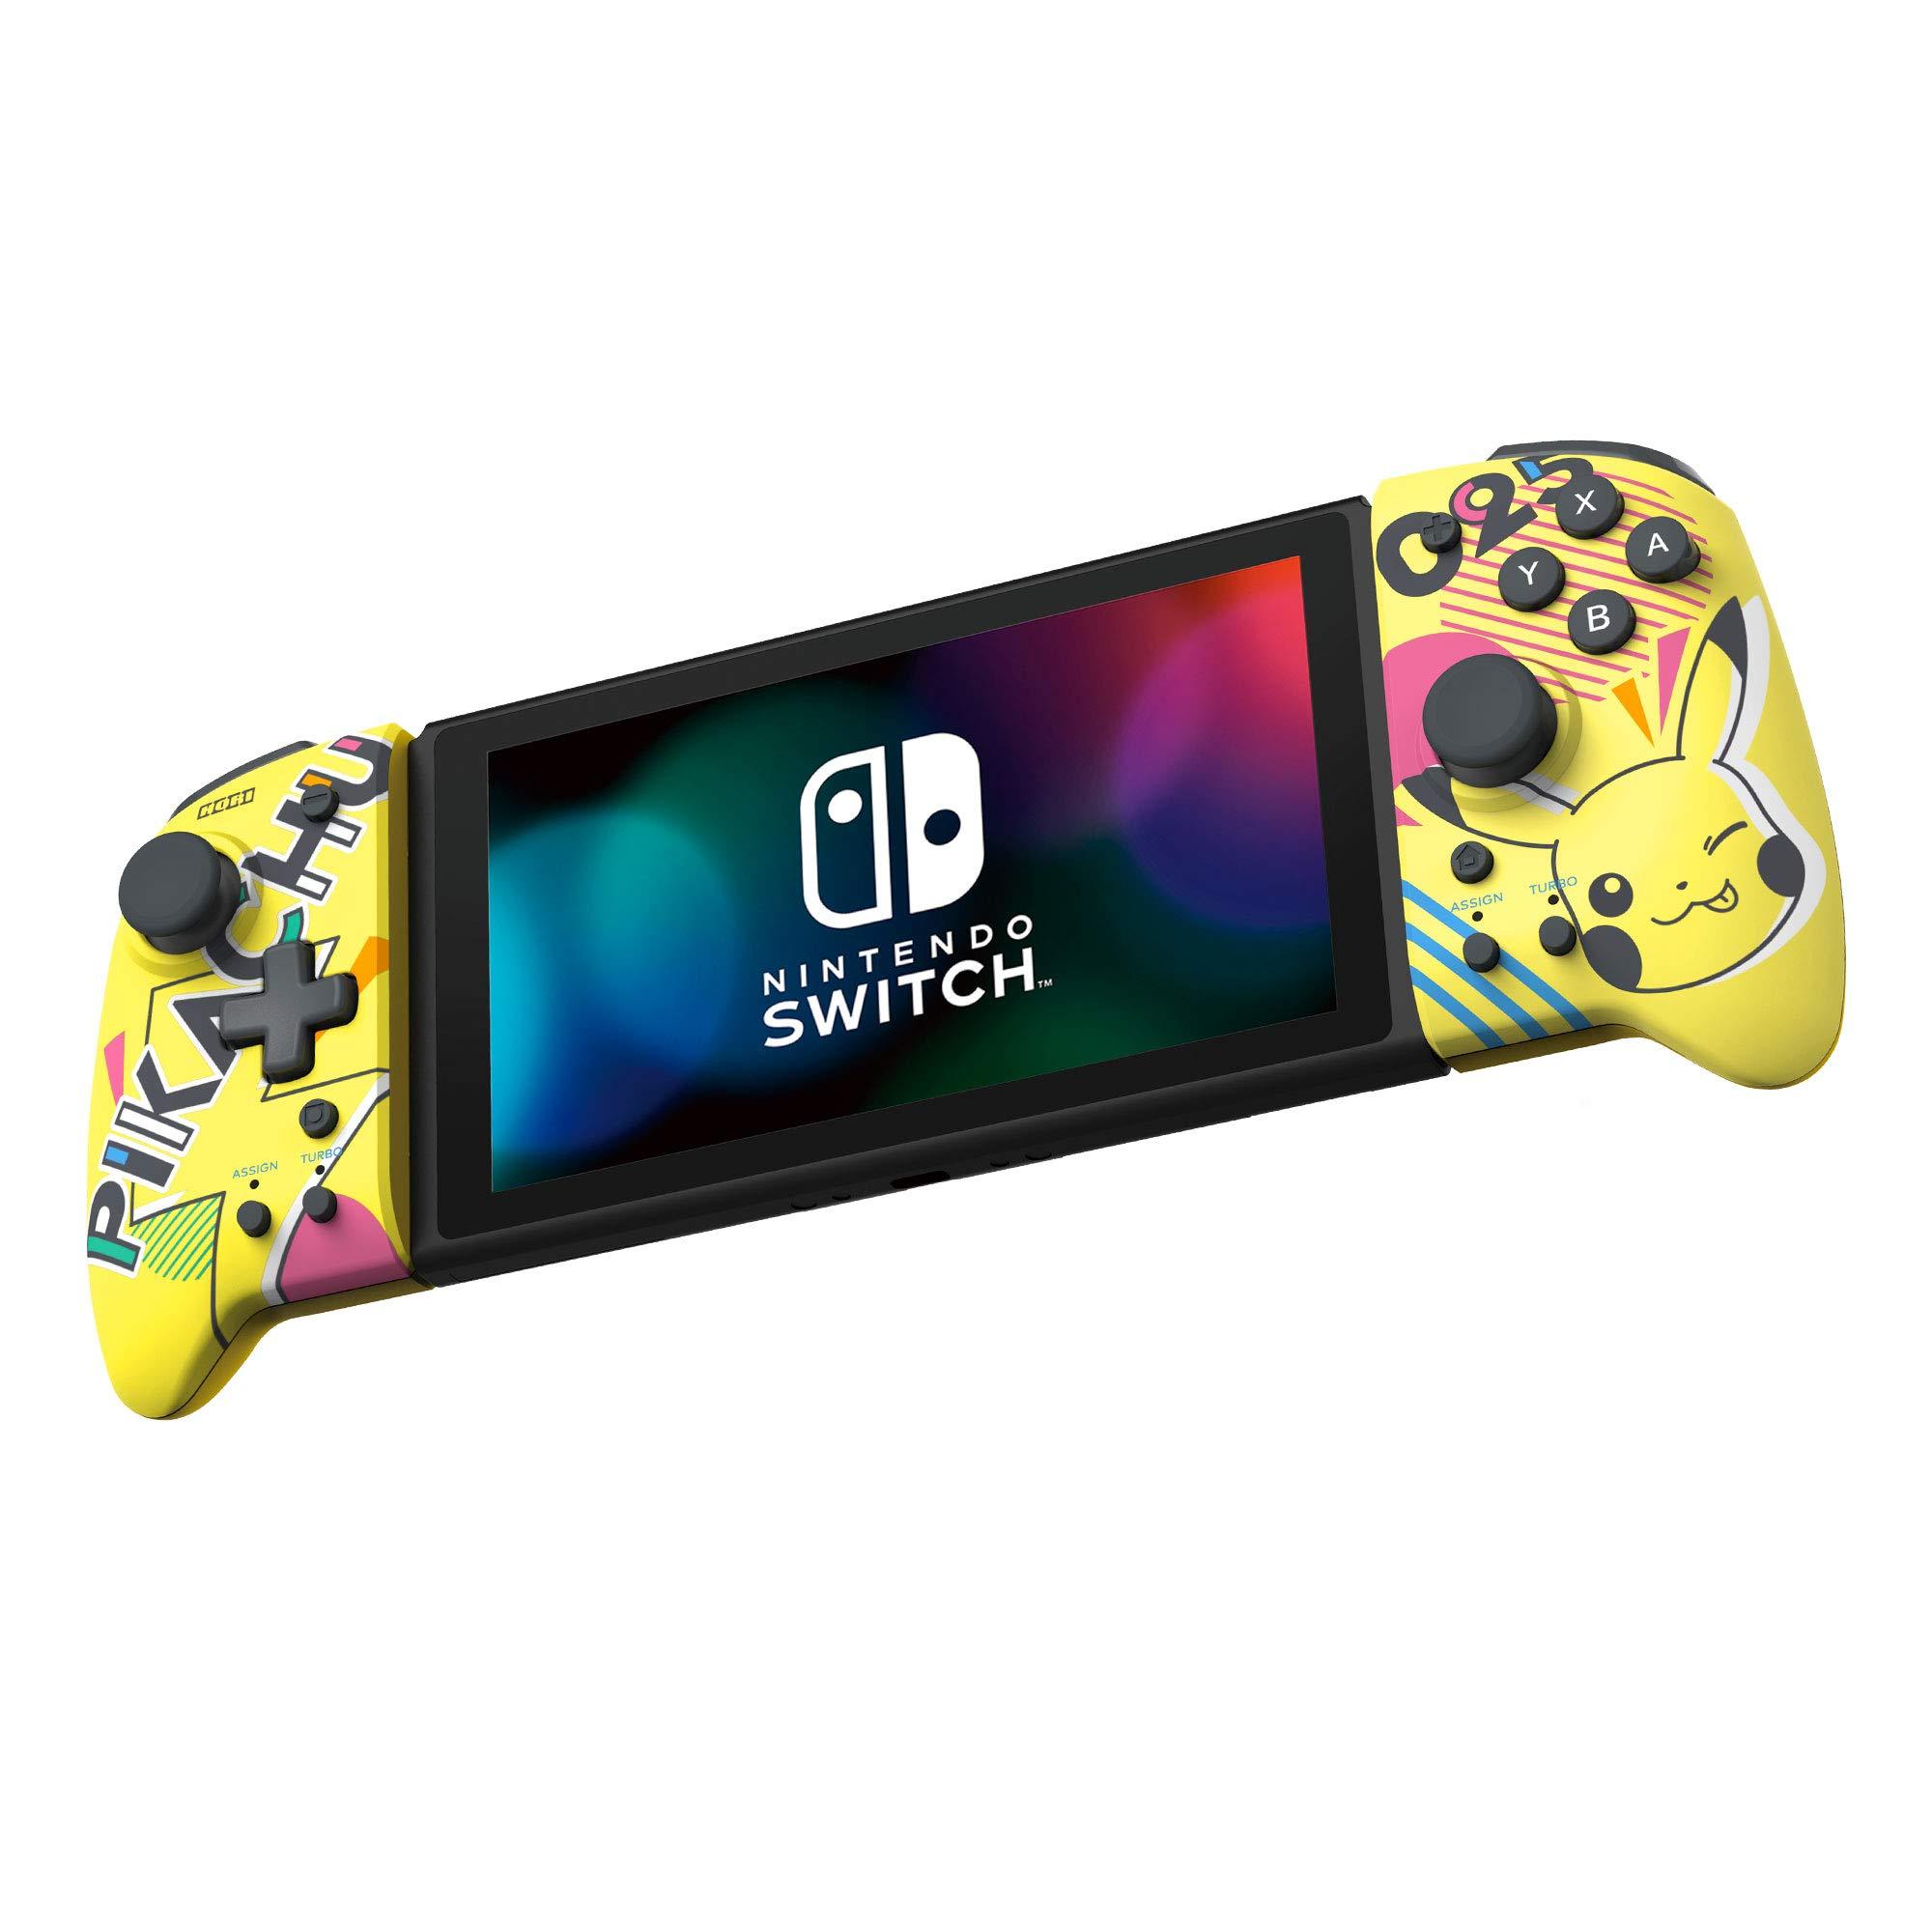 ピカチュウデザインの「グリップコントローラー for Nintendo Switch」が登場!POPとCOOLの2種類